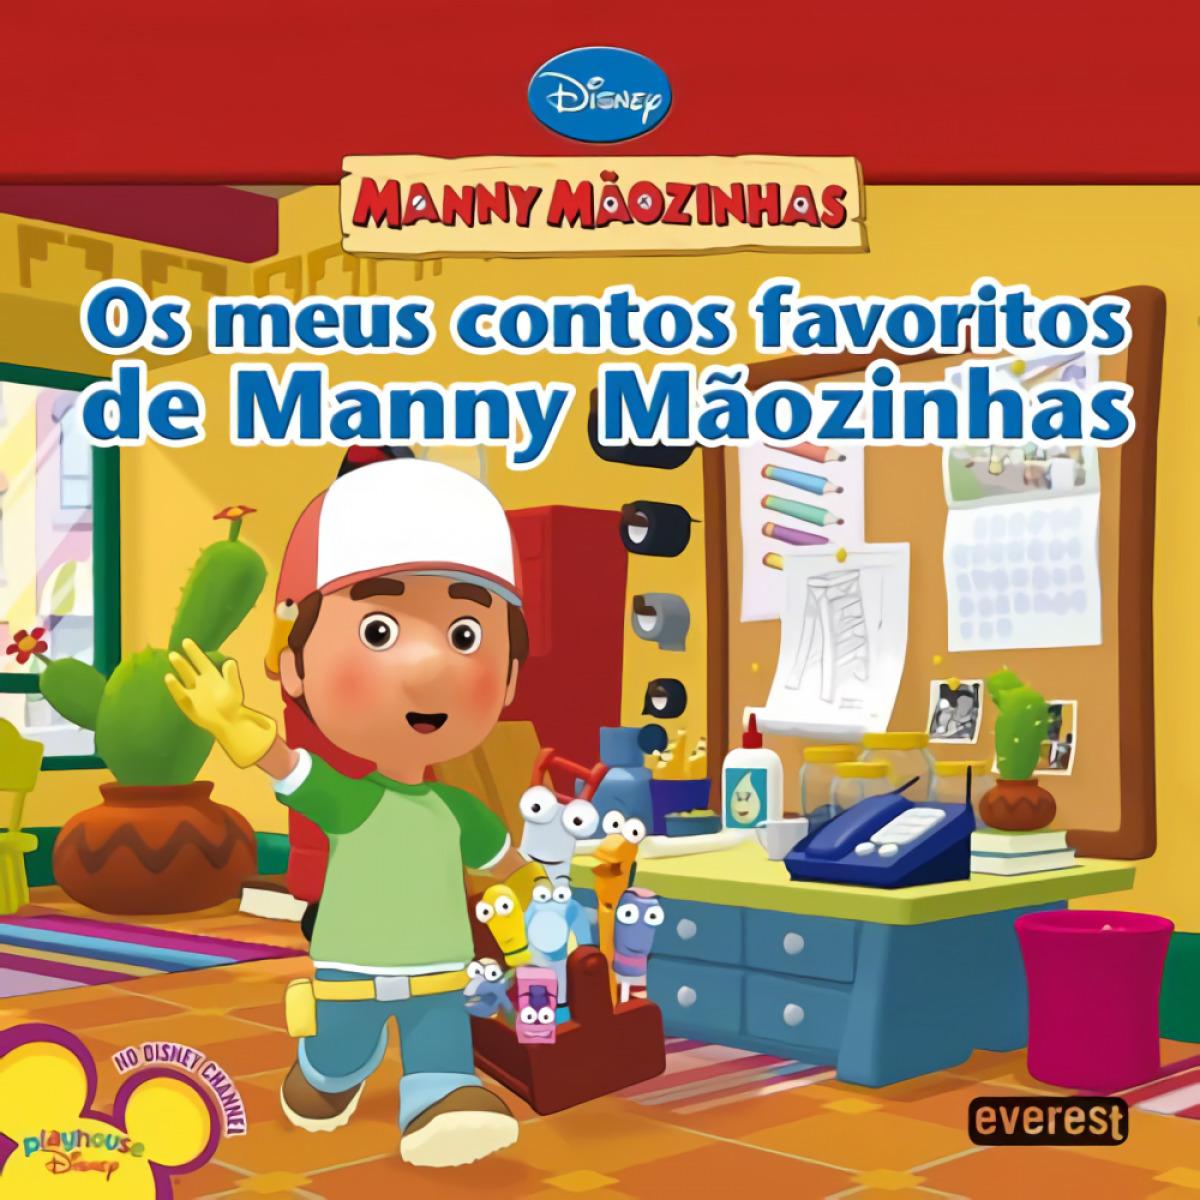 Manny mÃozinhas: os meus contos favoritos de manny mÃozinhas